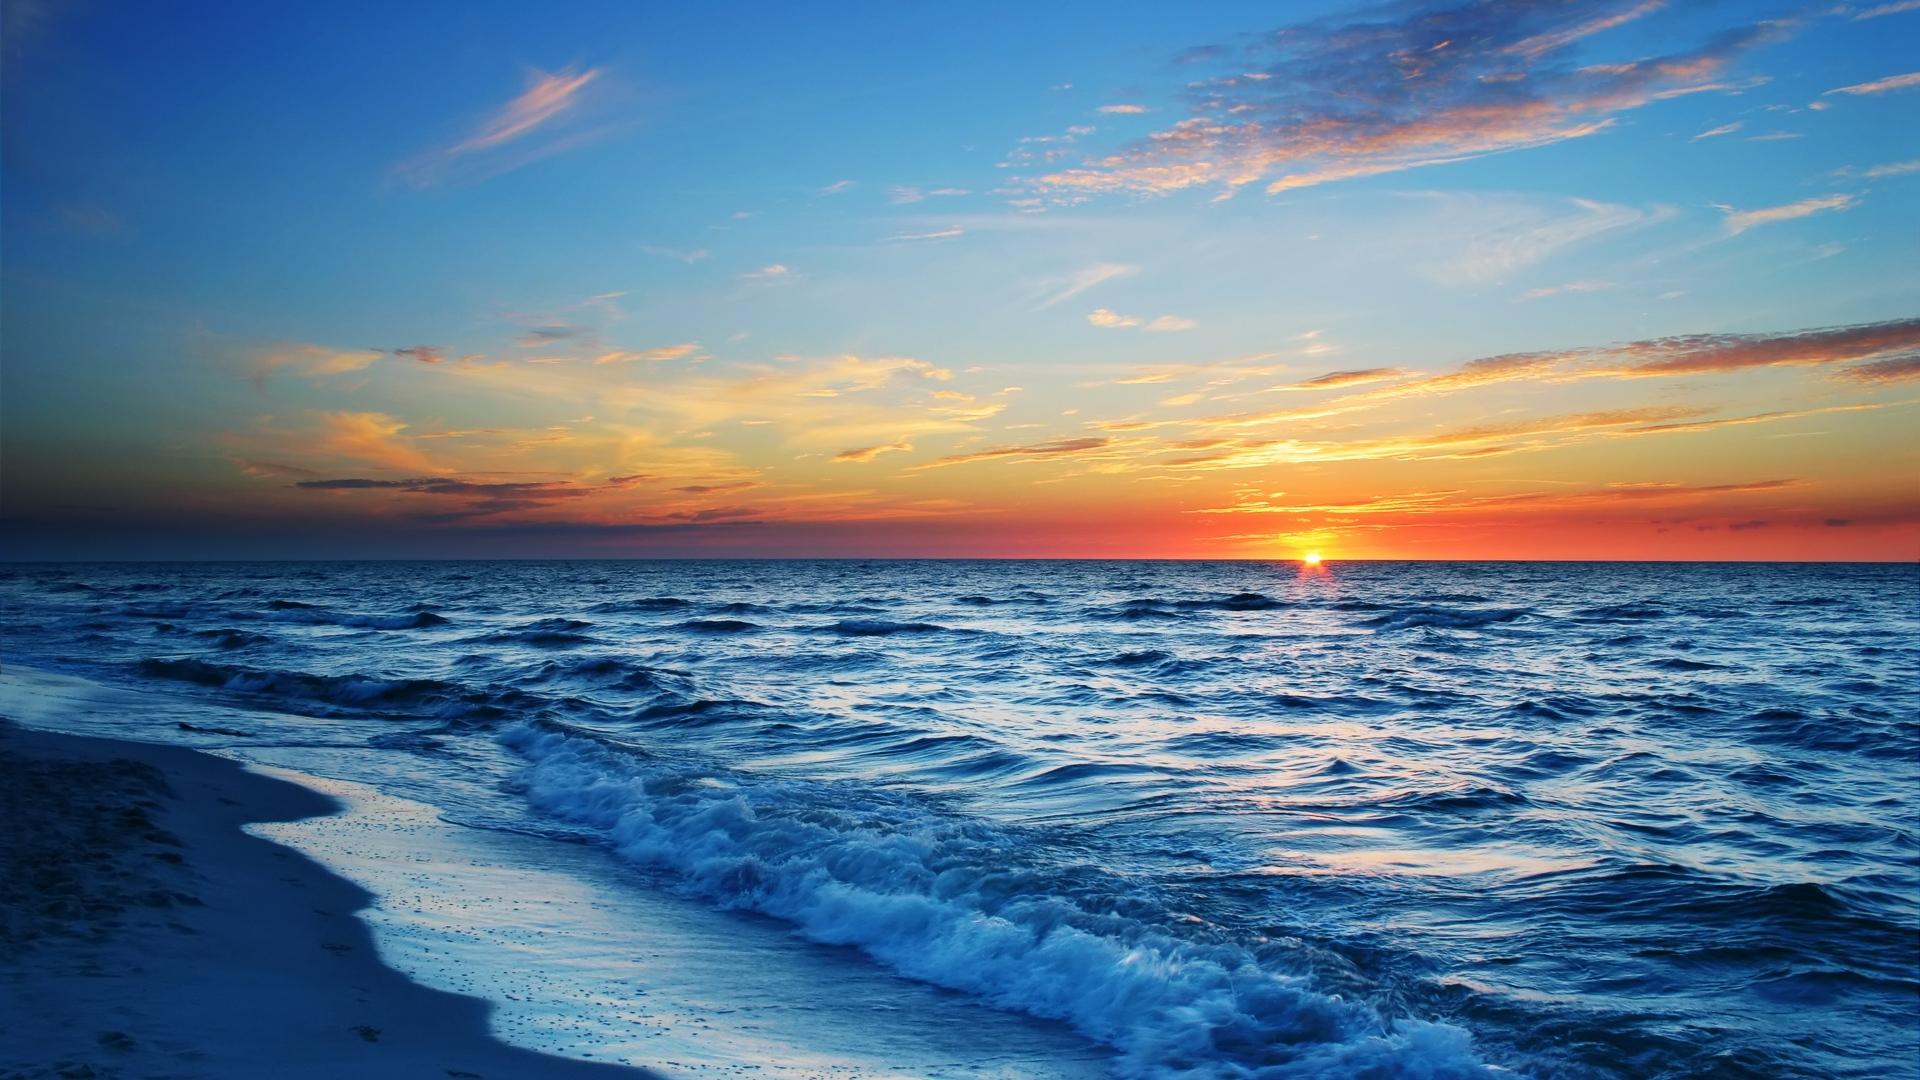 download wallpaper 1920x1080 sea, beach, evening, sun, sunset full